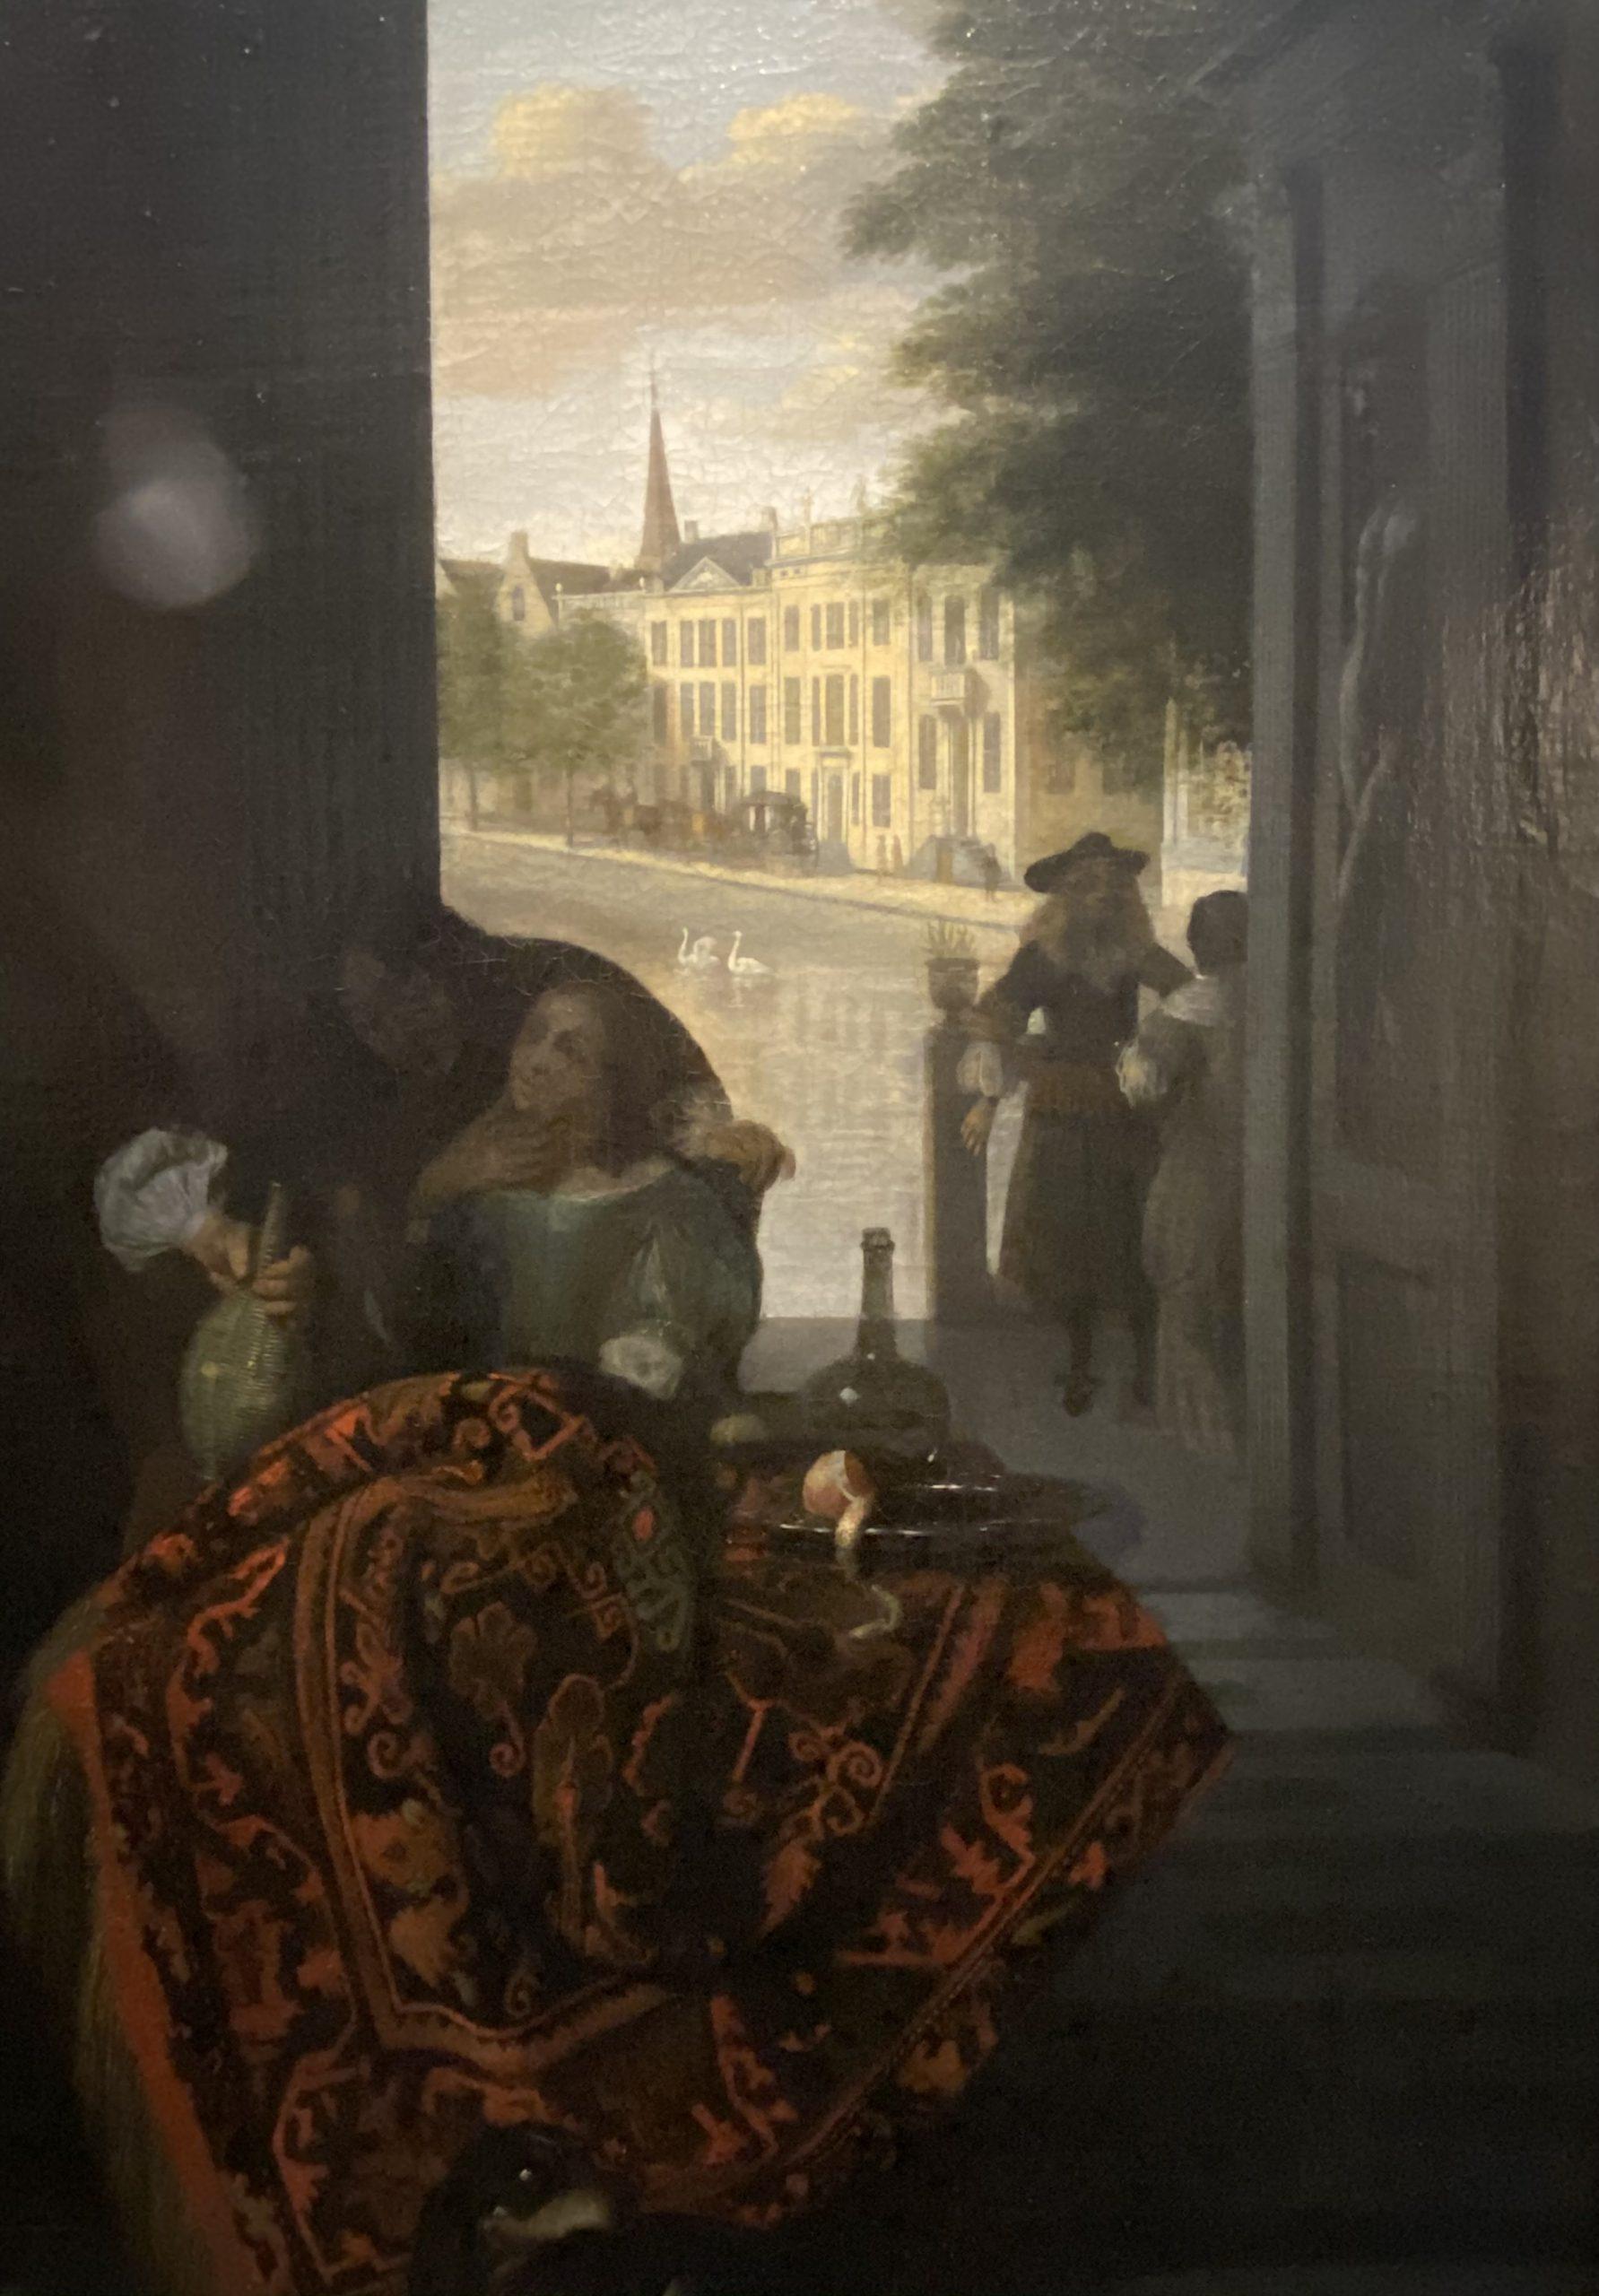 音楽パーティー-ピーテル・デ・ホーホ-オランダ-特別展【光影浮空-欧州絵画500年】-成都博物館